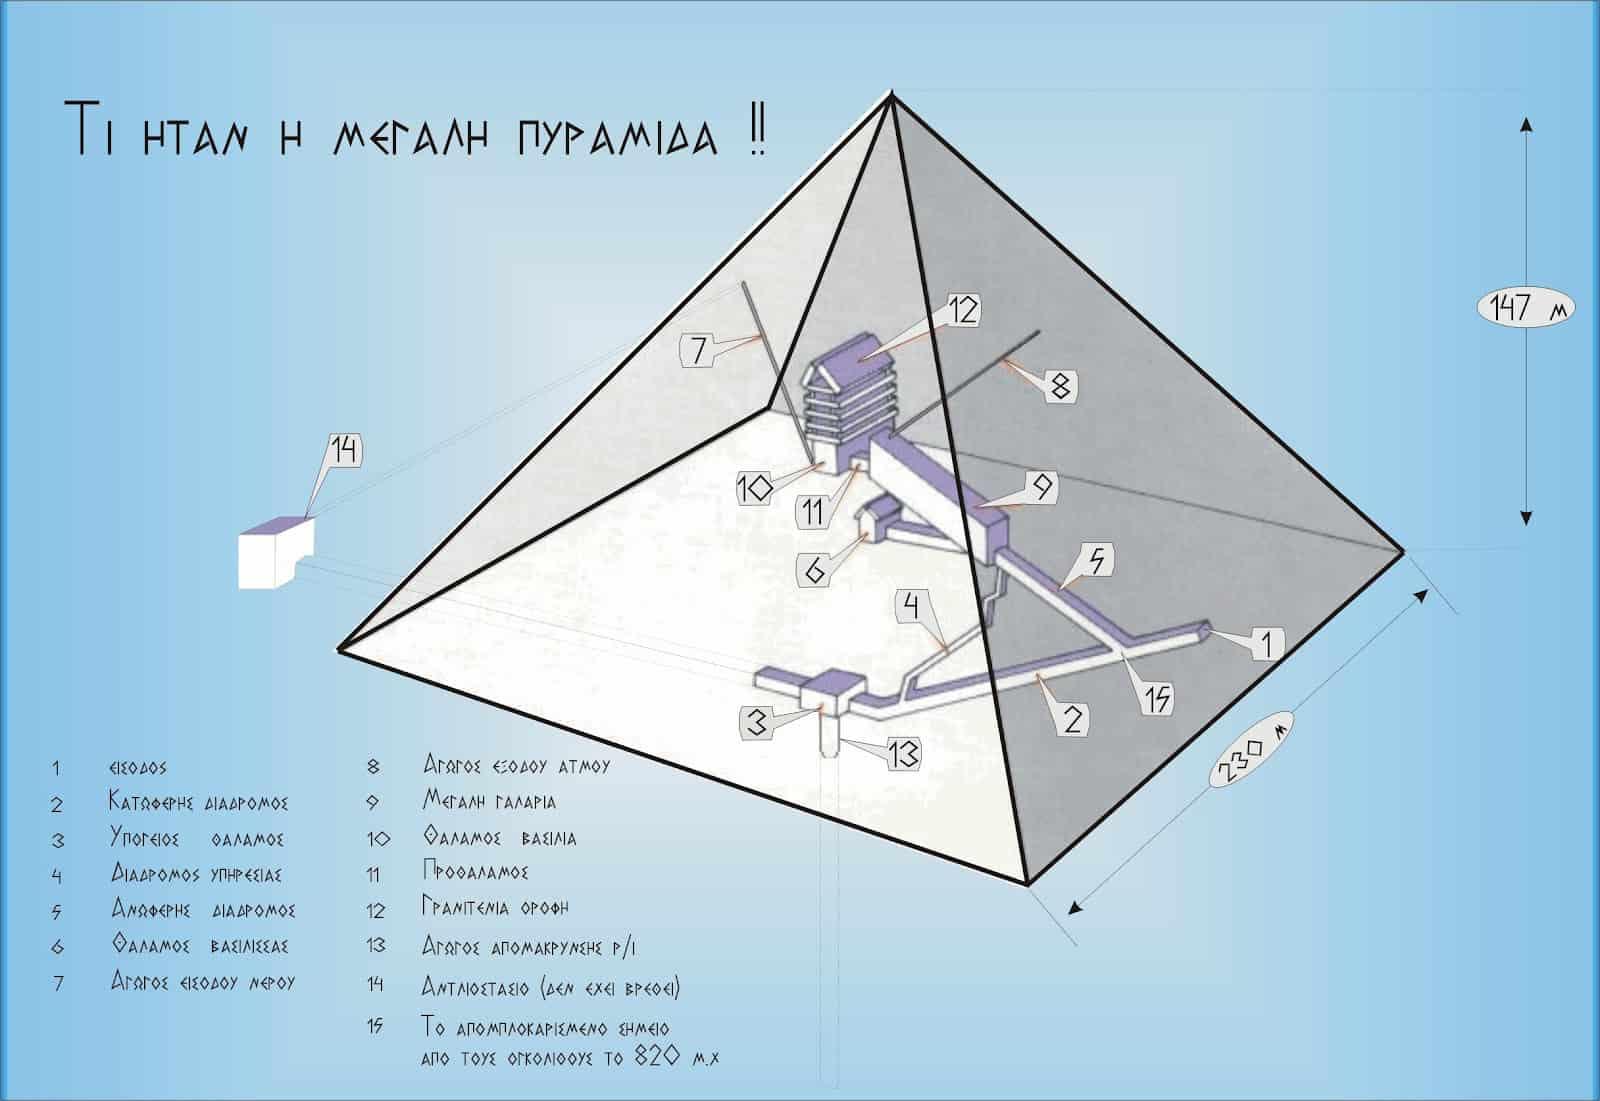 Πυραμίδα σχεδιάγραμμα